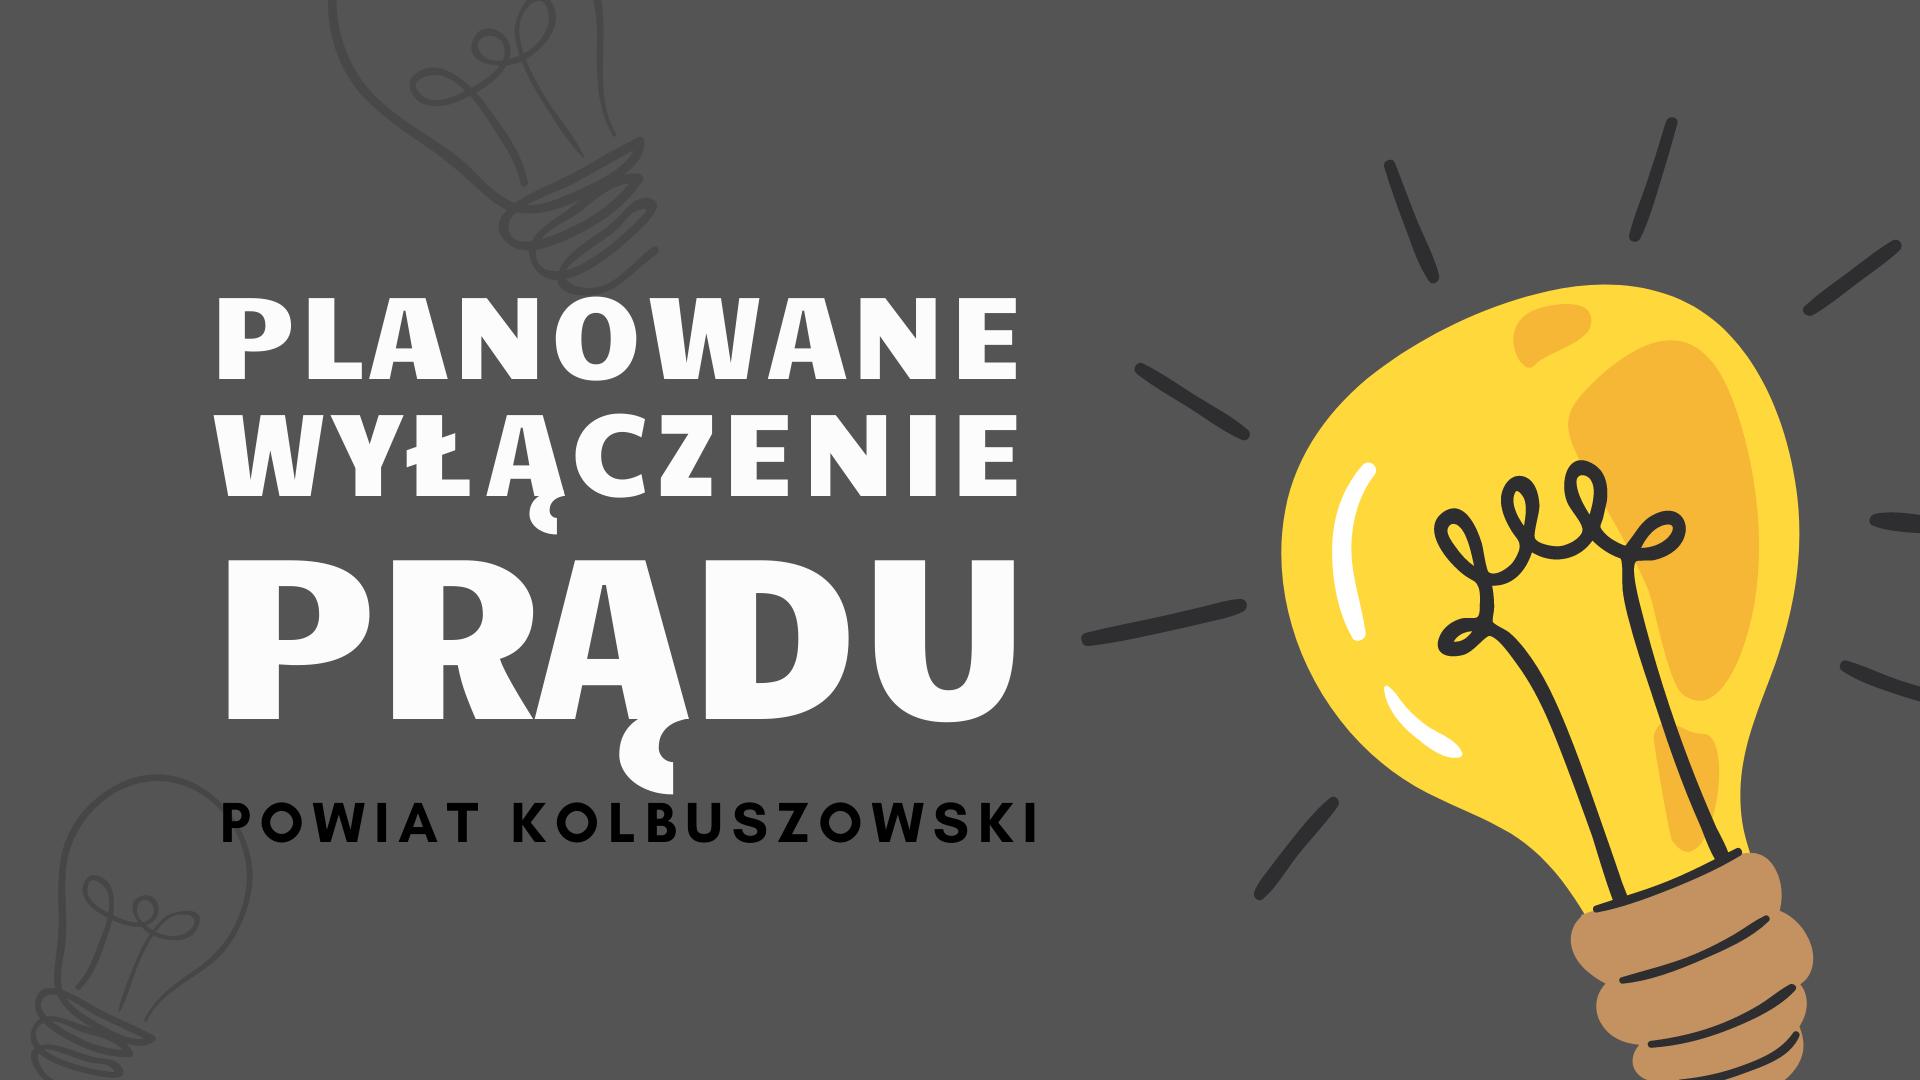 Brak prądu w sierpniu w powiecie kolbuszowskim [AKTUALIZACJA] - Zdjęcie główne